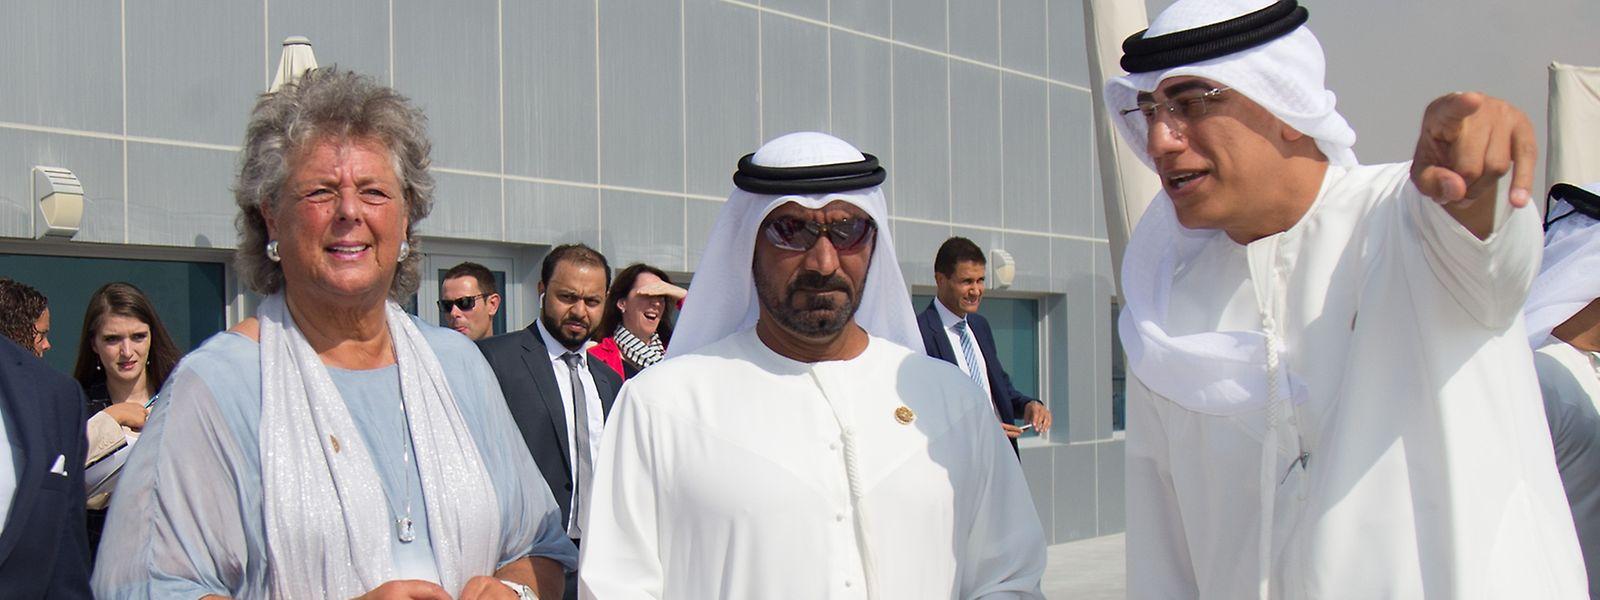 Maggy Nagel compte bien retrouver le site de l'Exposition universelle de Dubaï en mai prochain.